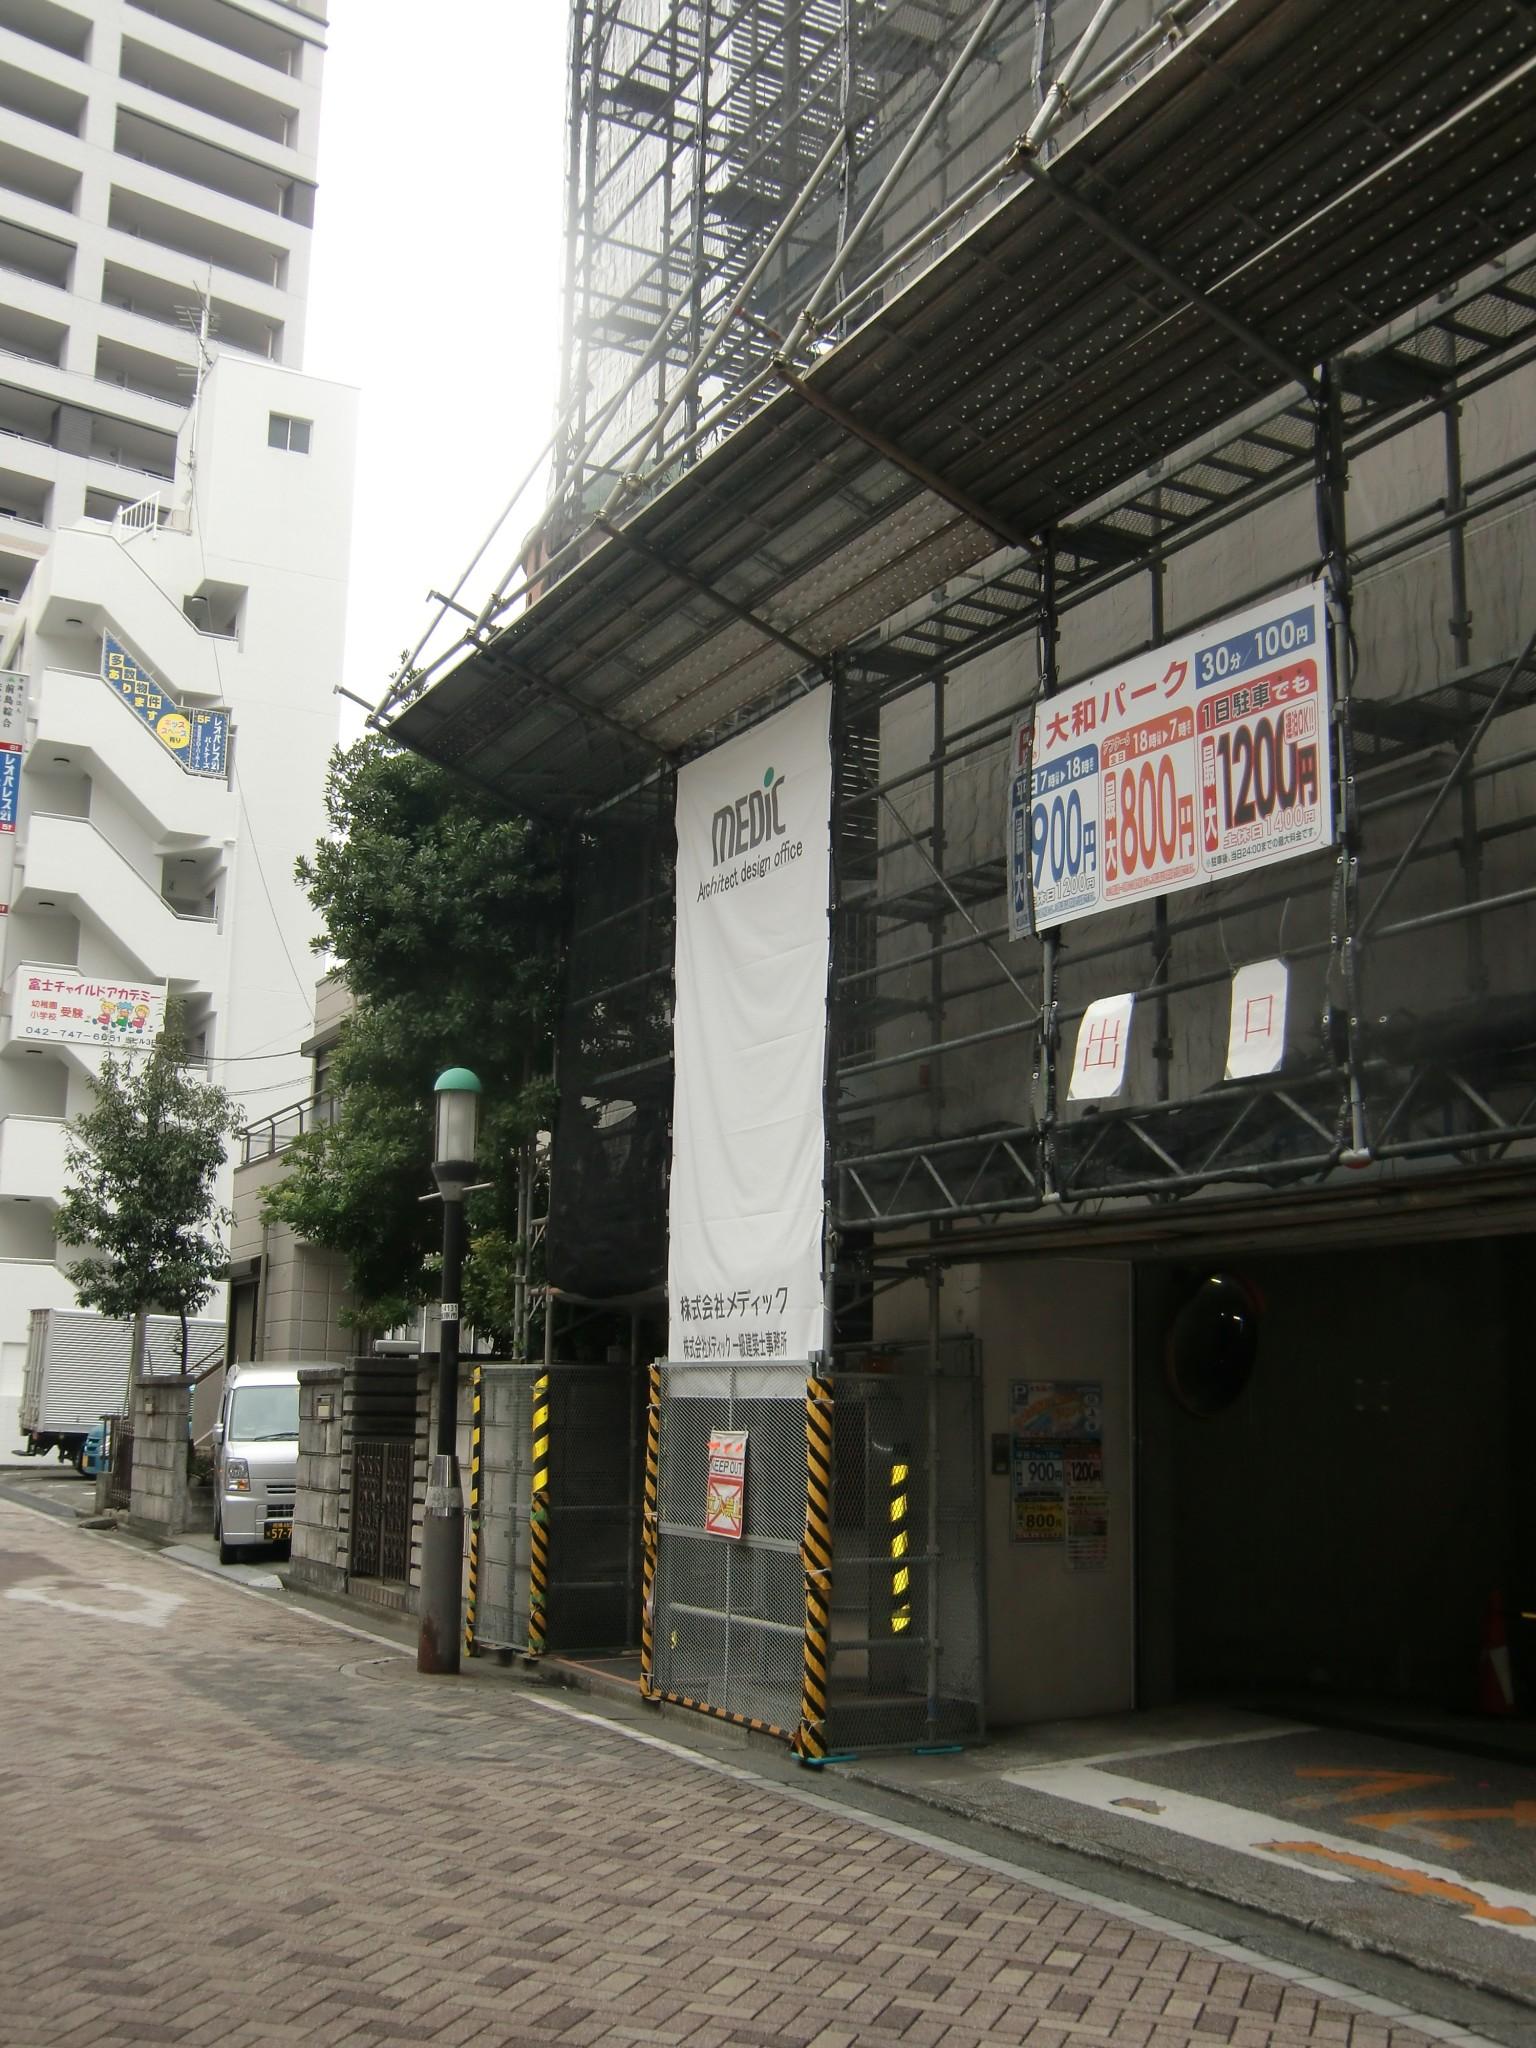 D  Parking  Building